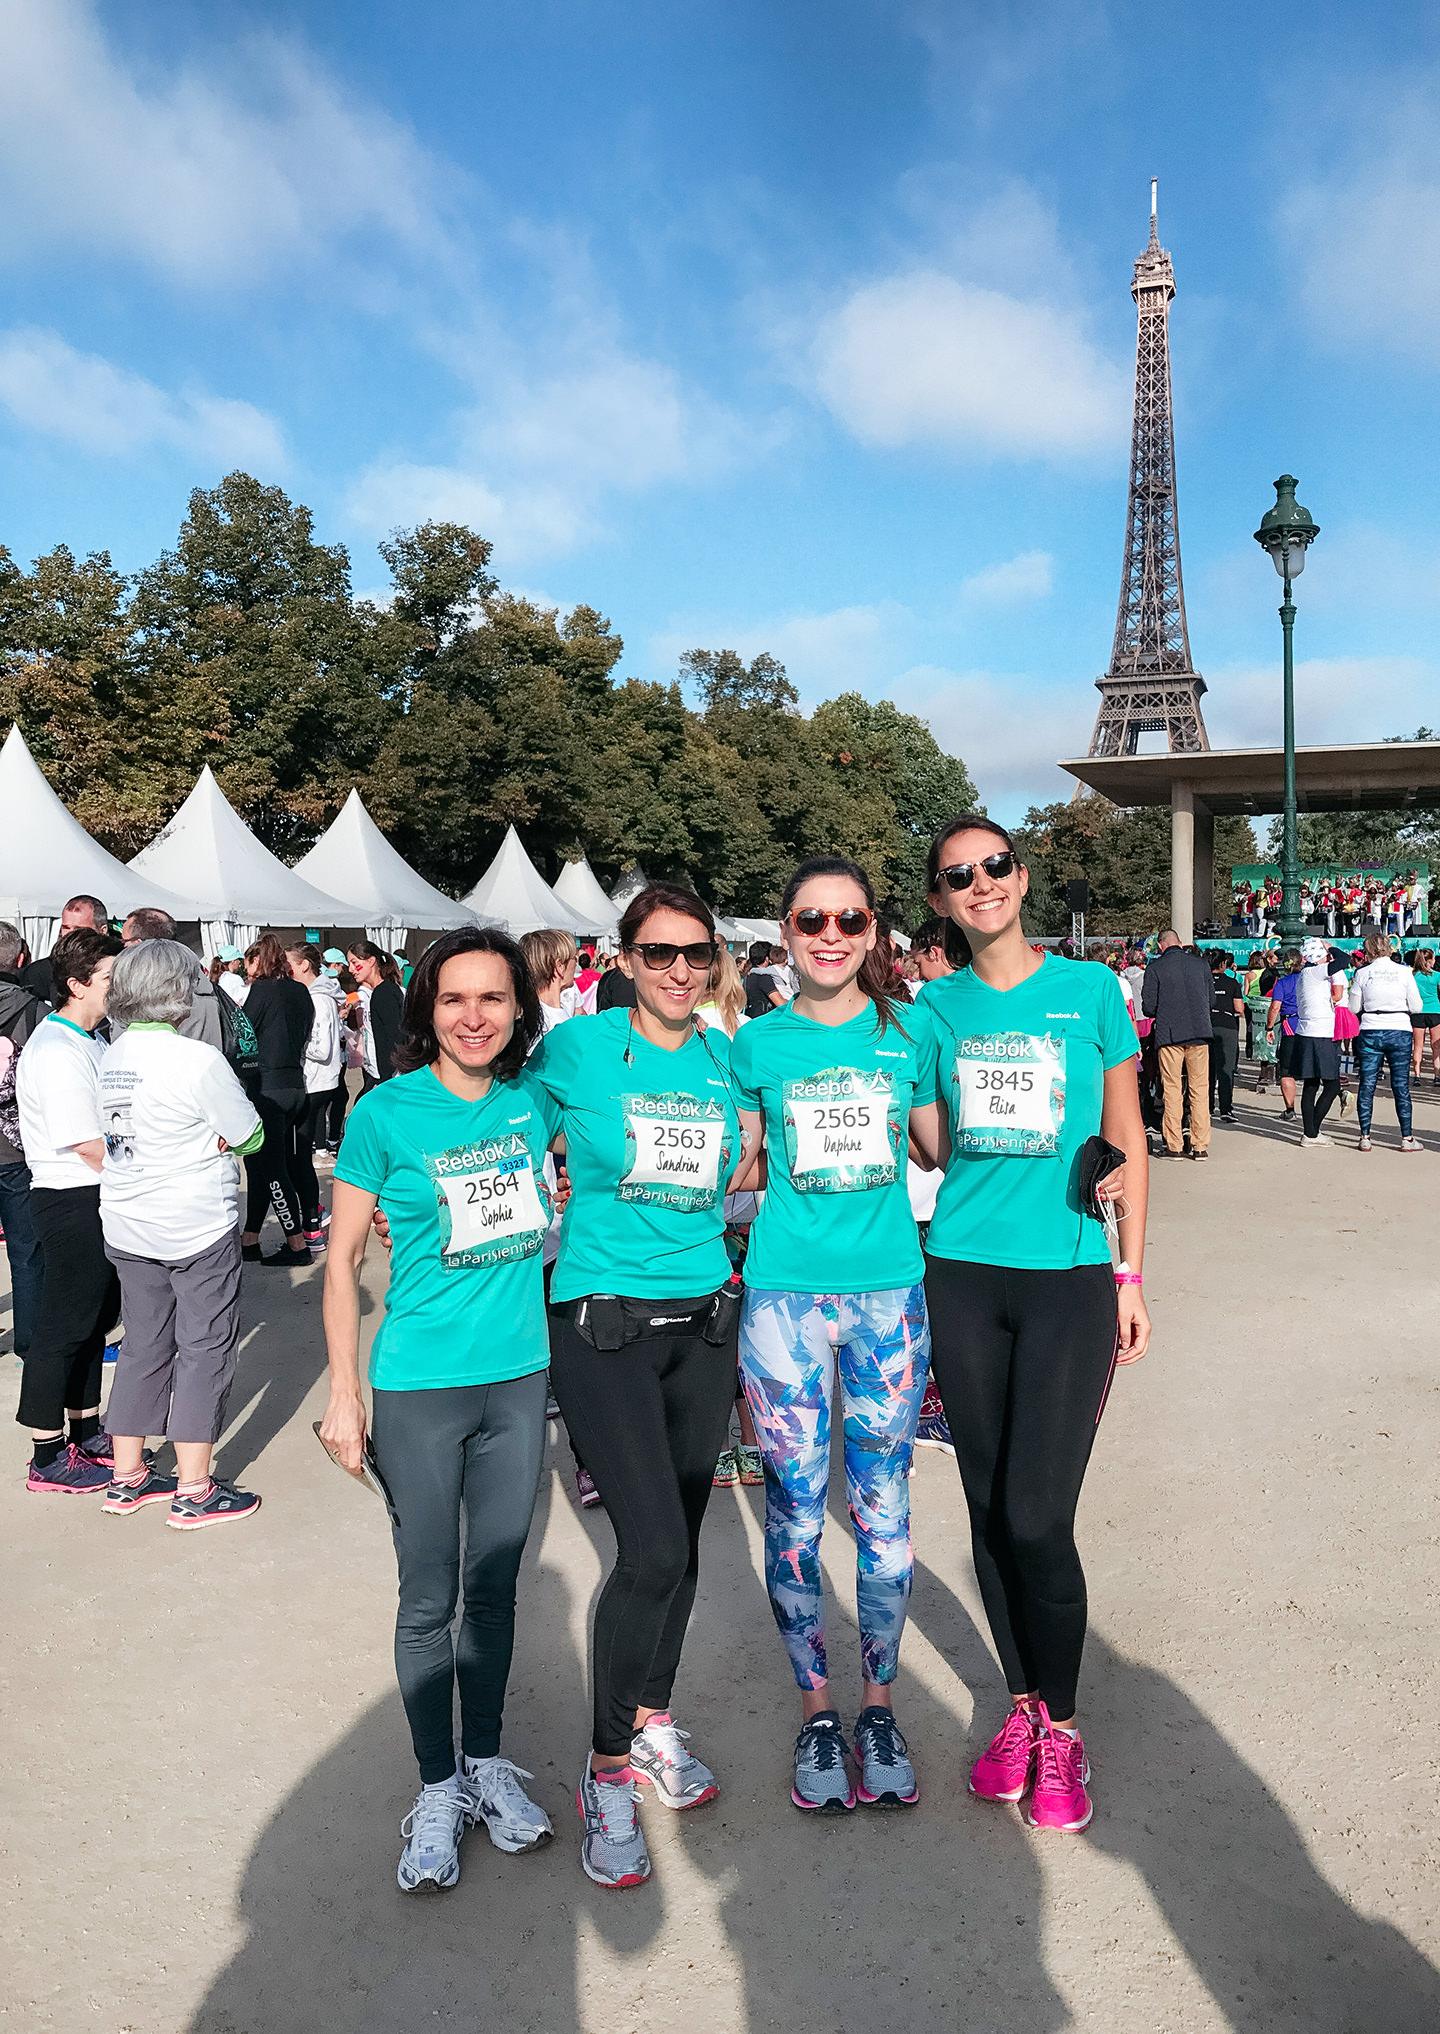 Blog-Mode-And-The-City-Lifestyle-Cinq-Petites-Choses-231-course-la-parisienne